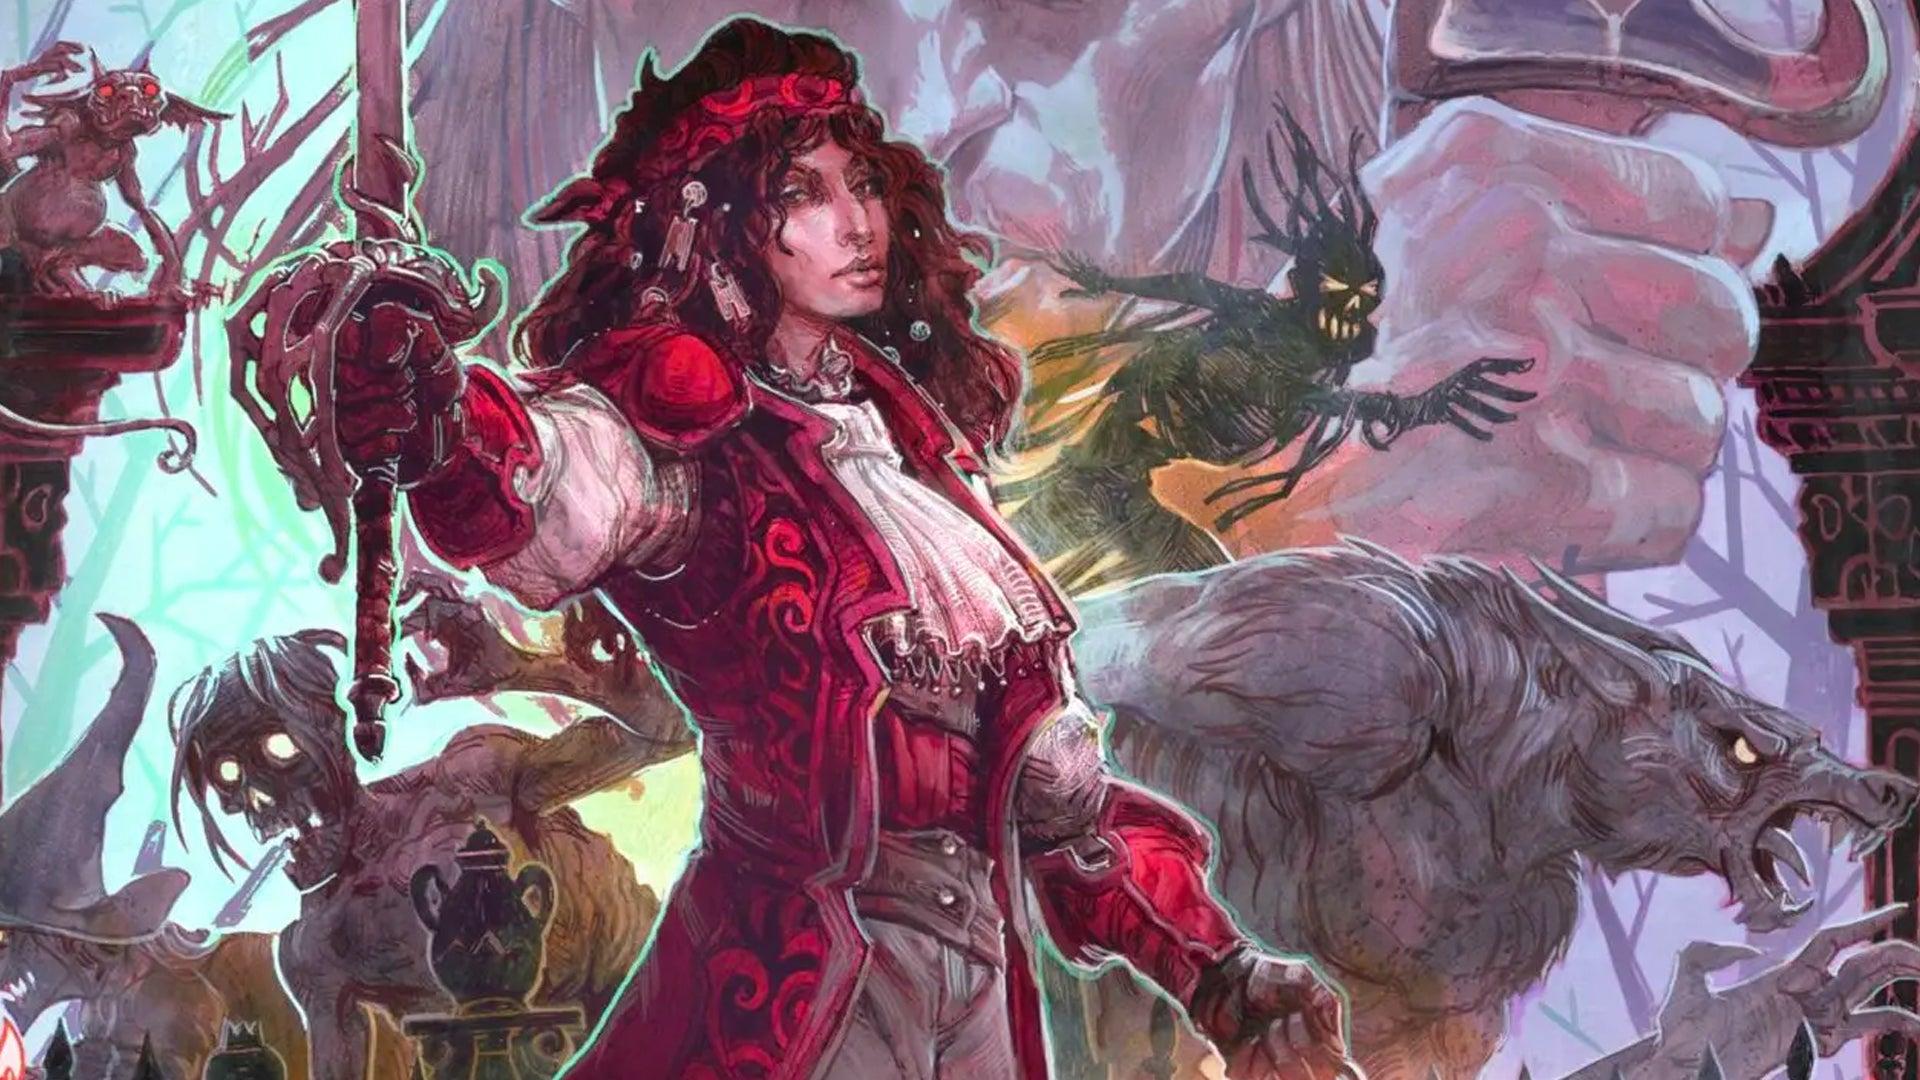 D&D 5E Van Richten's Guide to Ravenloft alternate cover artwork